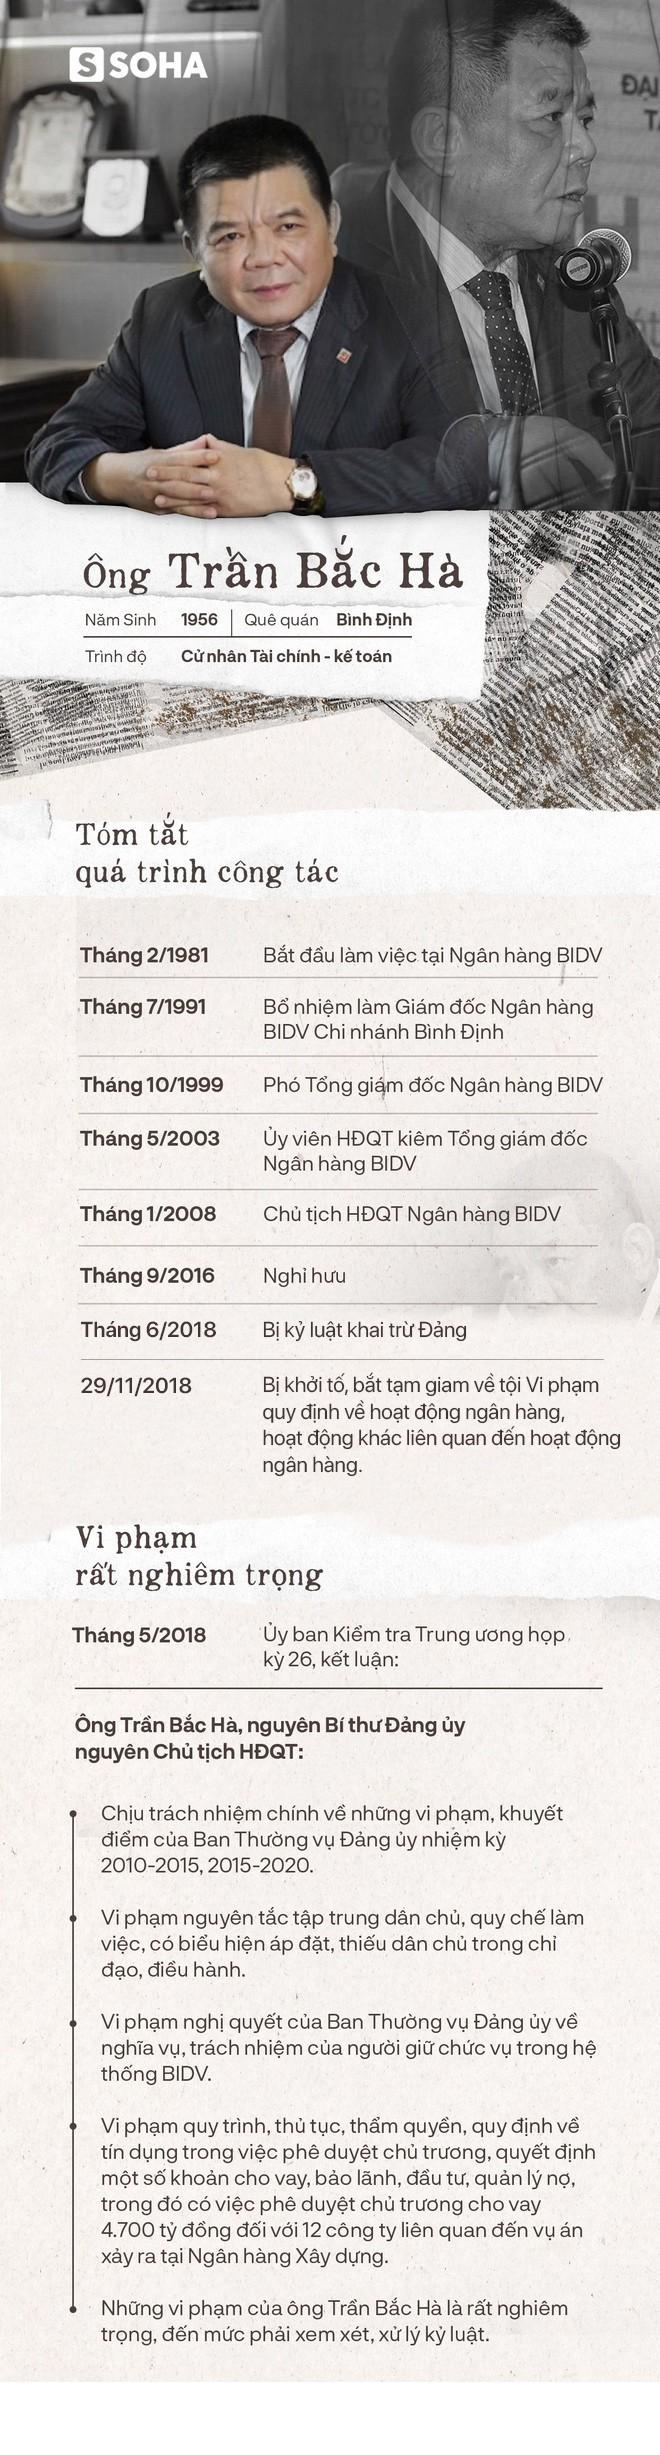 Ông Trần Bắc Hà liên quan tới những sai phạm nào tại ngân hàng BIDV? - Ảnh 4.